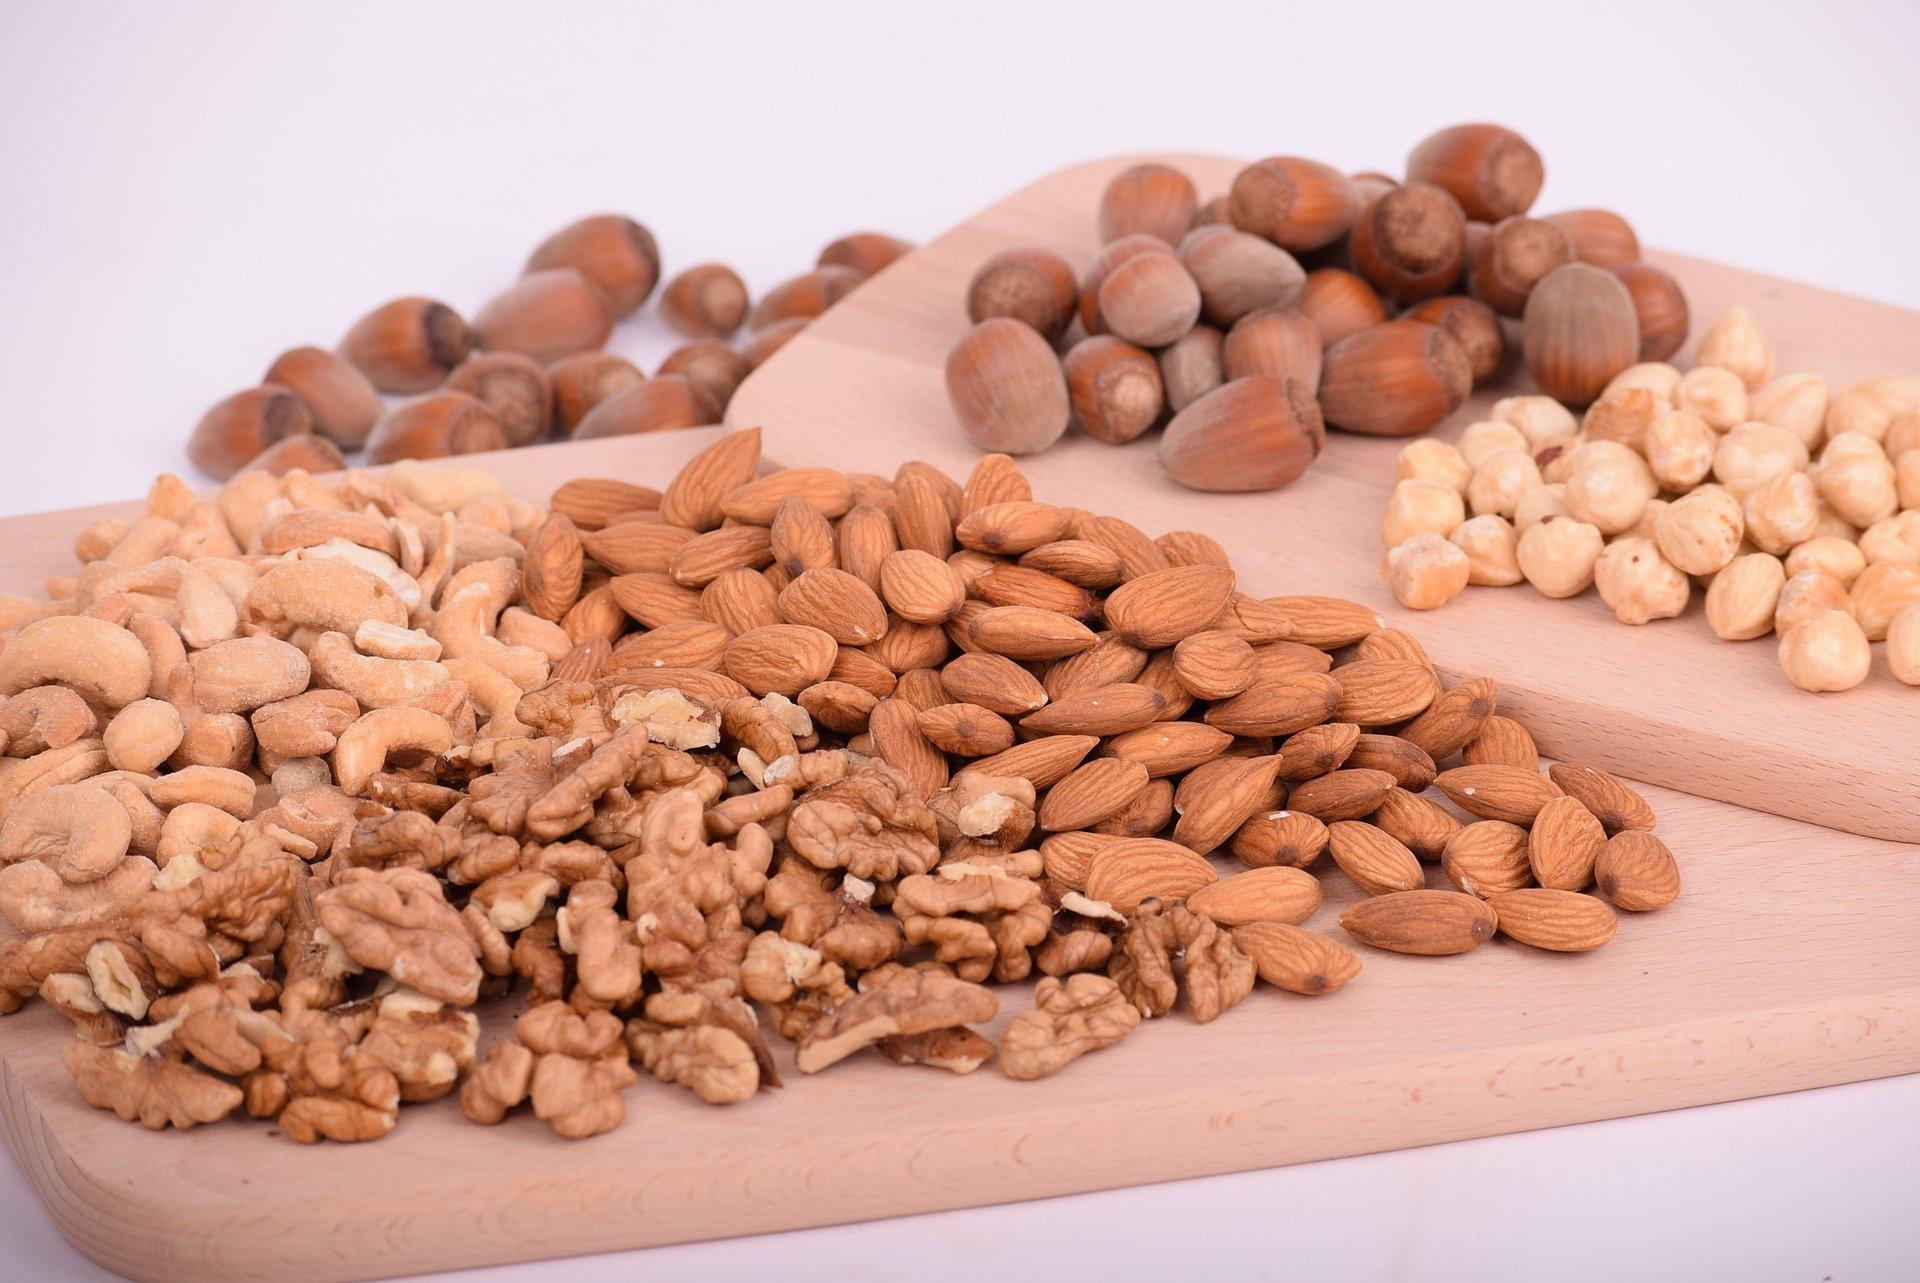 Ořechy při ketodietě? Dejte si s chutí, ale pečlivě vybírejte